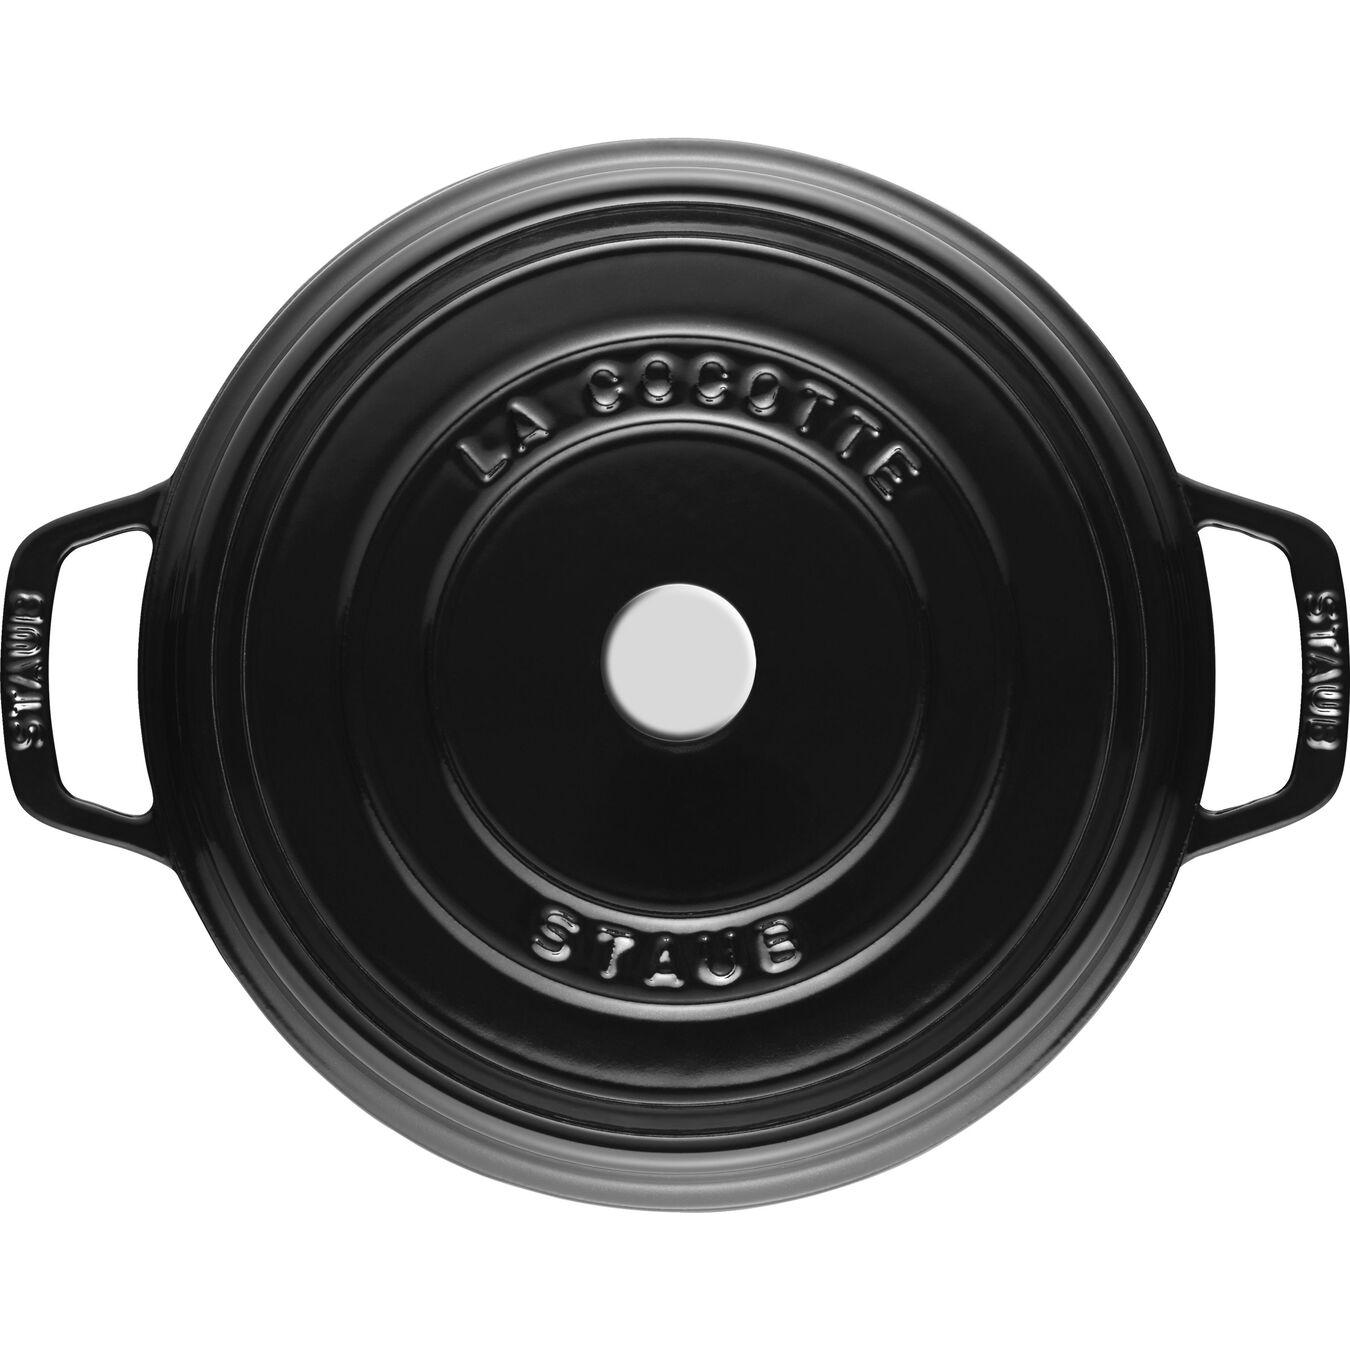 Cocotte en fonte 24 cm / 3,8 l, Rond, Noir brillant,,large 4